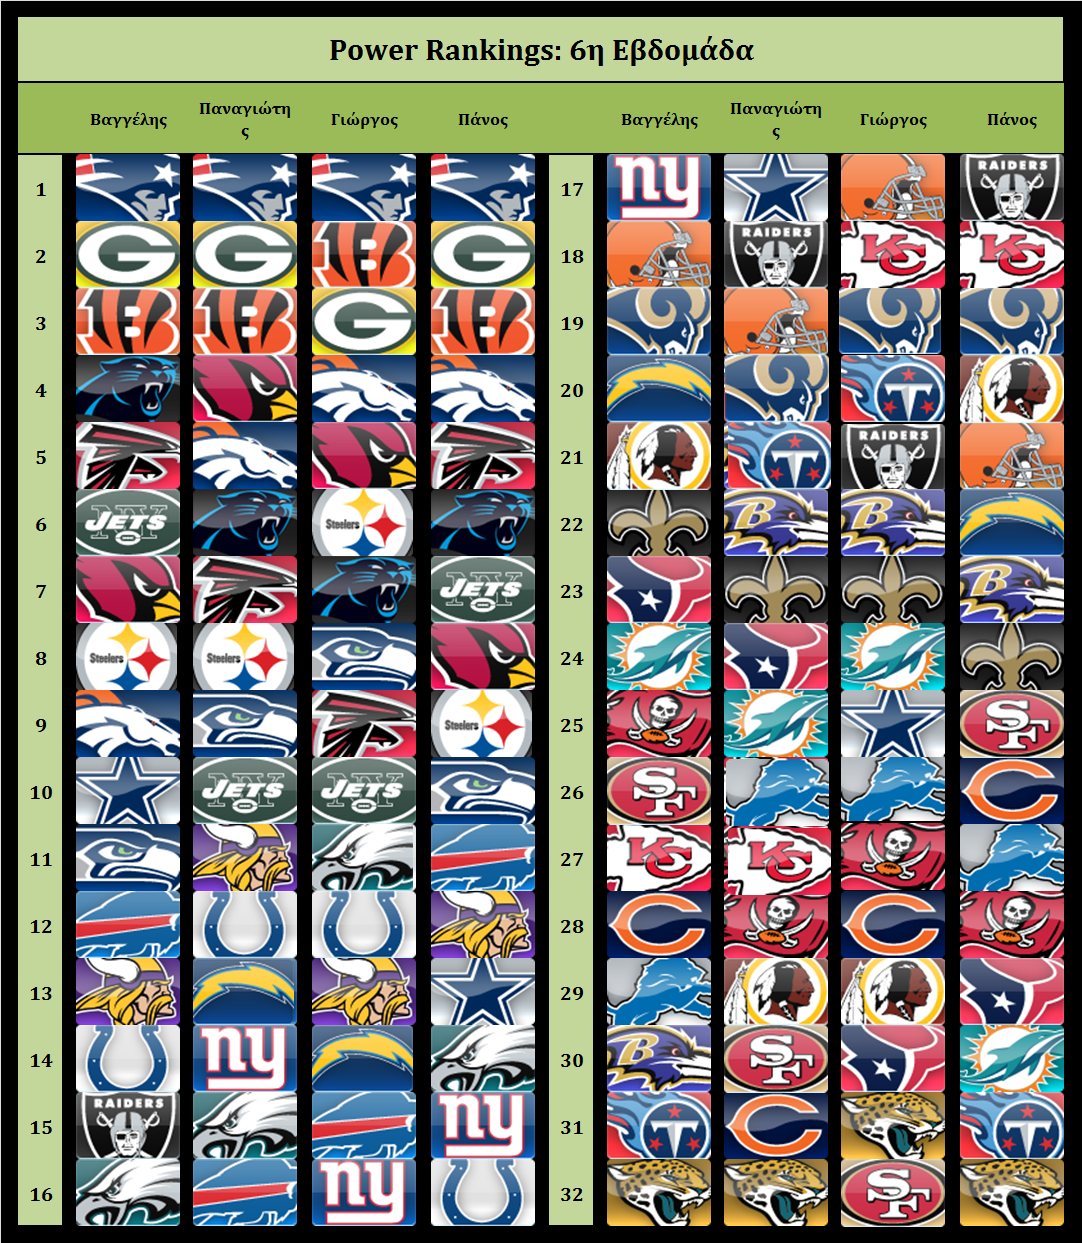 Power Rankings 2015 Week 6